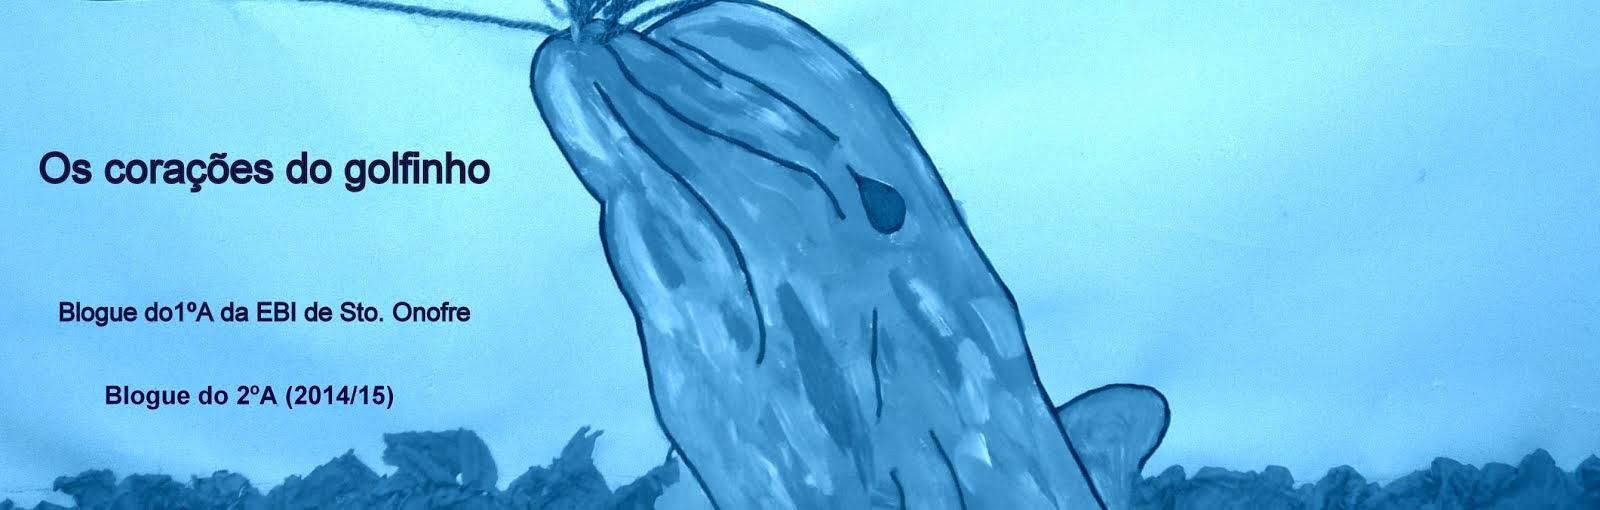 0s corações do golfinho